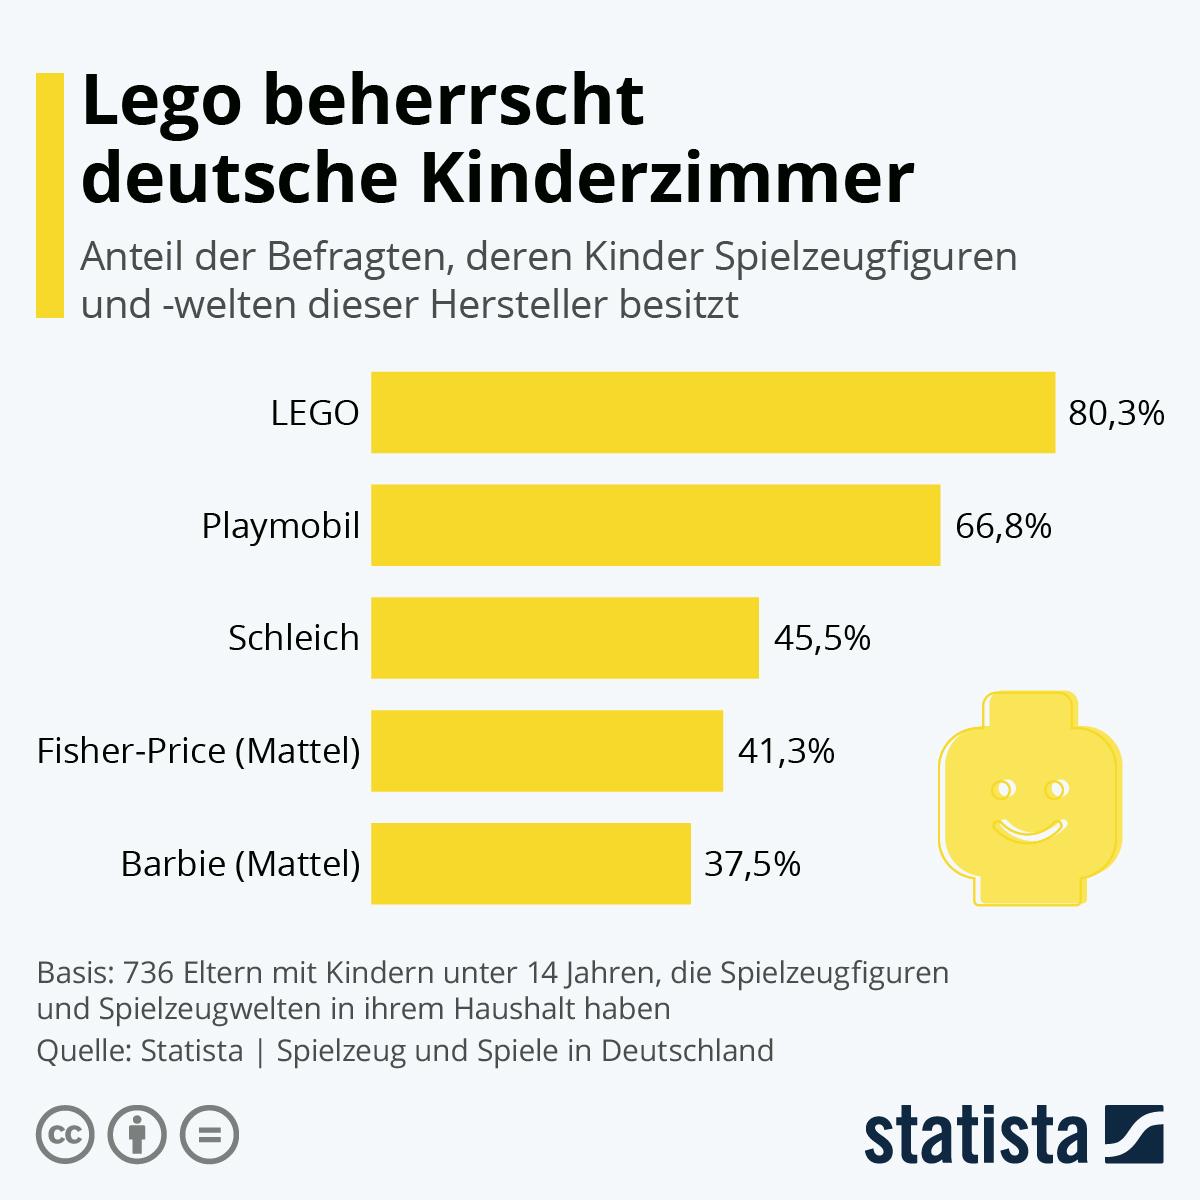 Infografik: Lego beherrscht deutsche Kinderzimmer | Statista